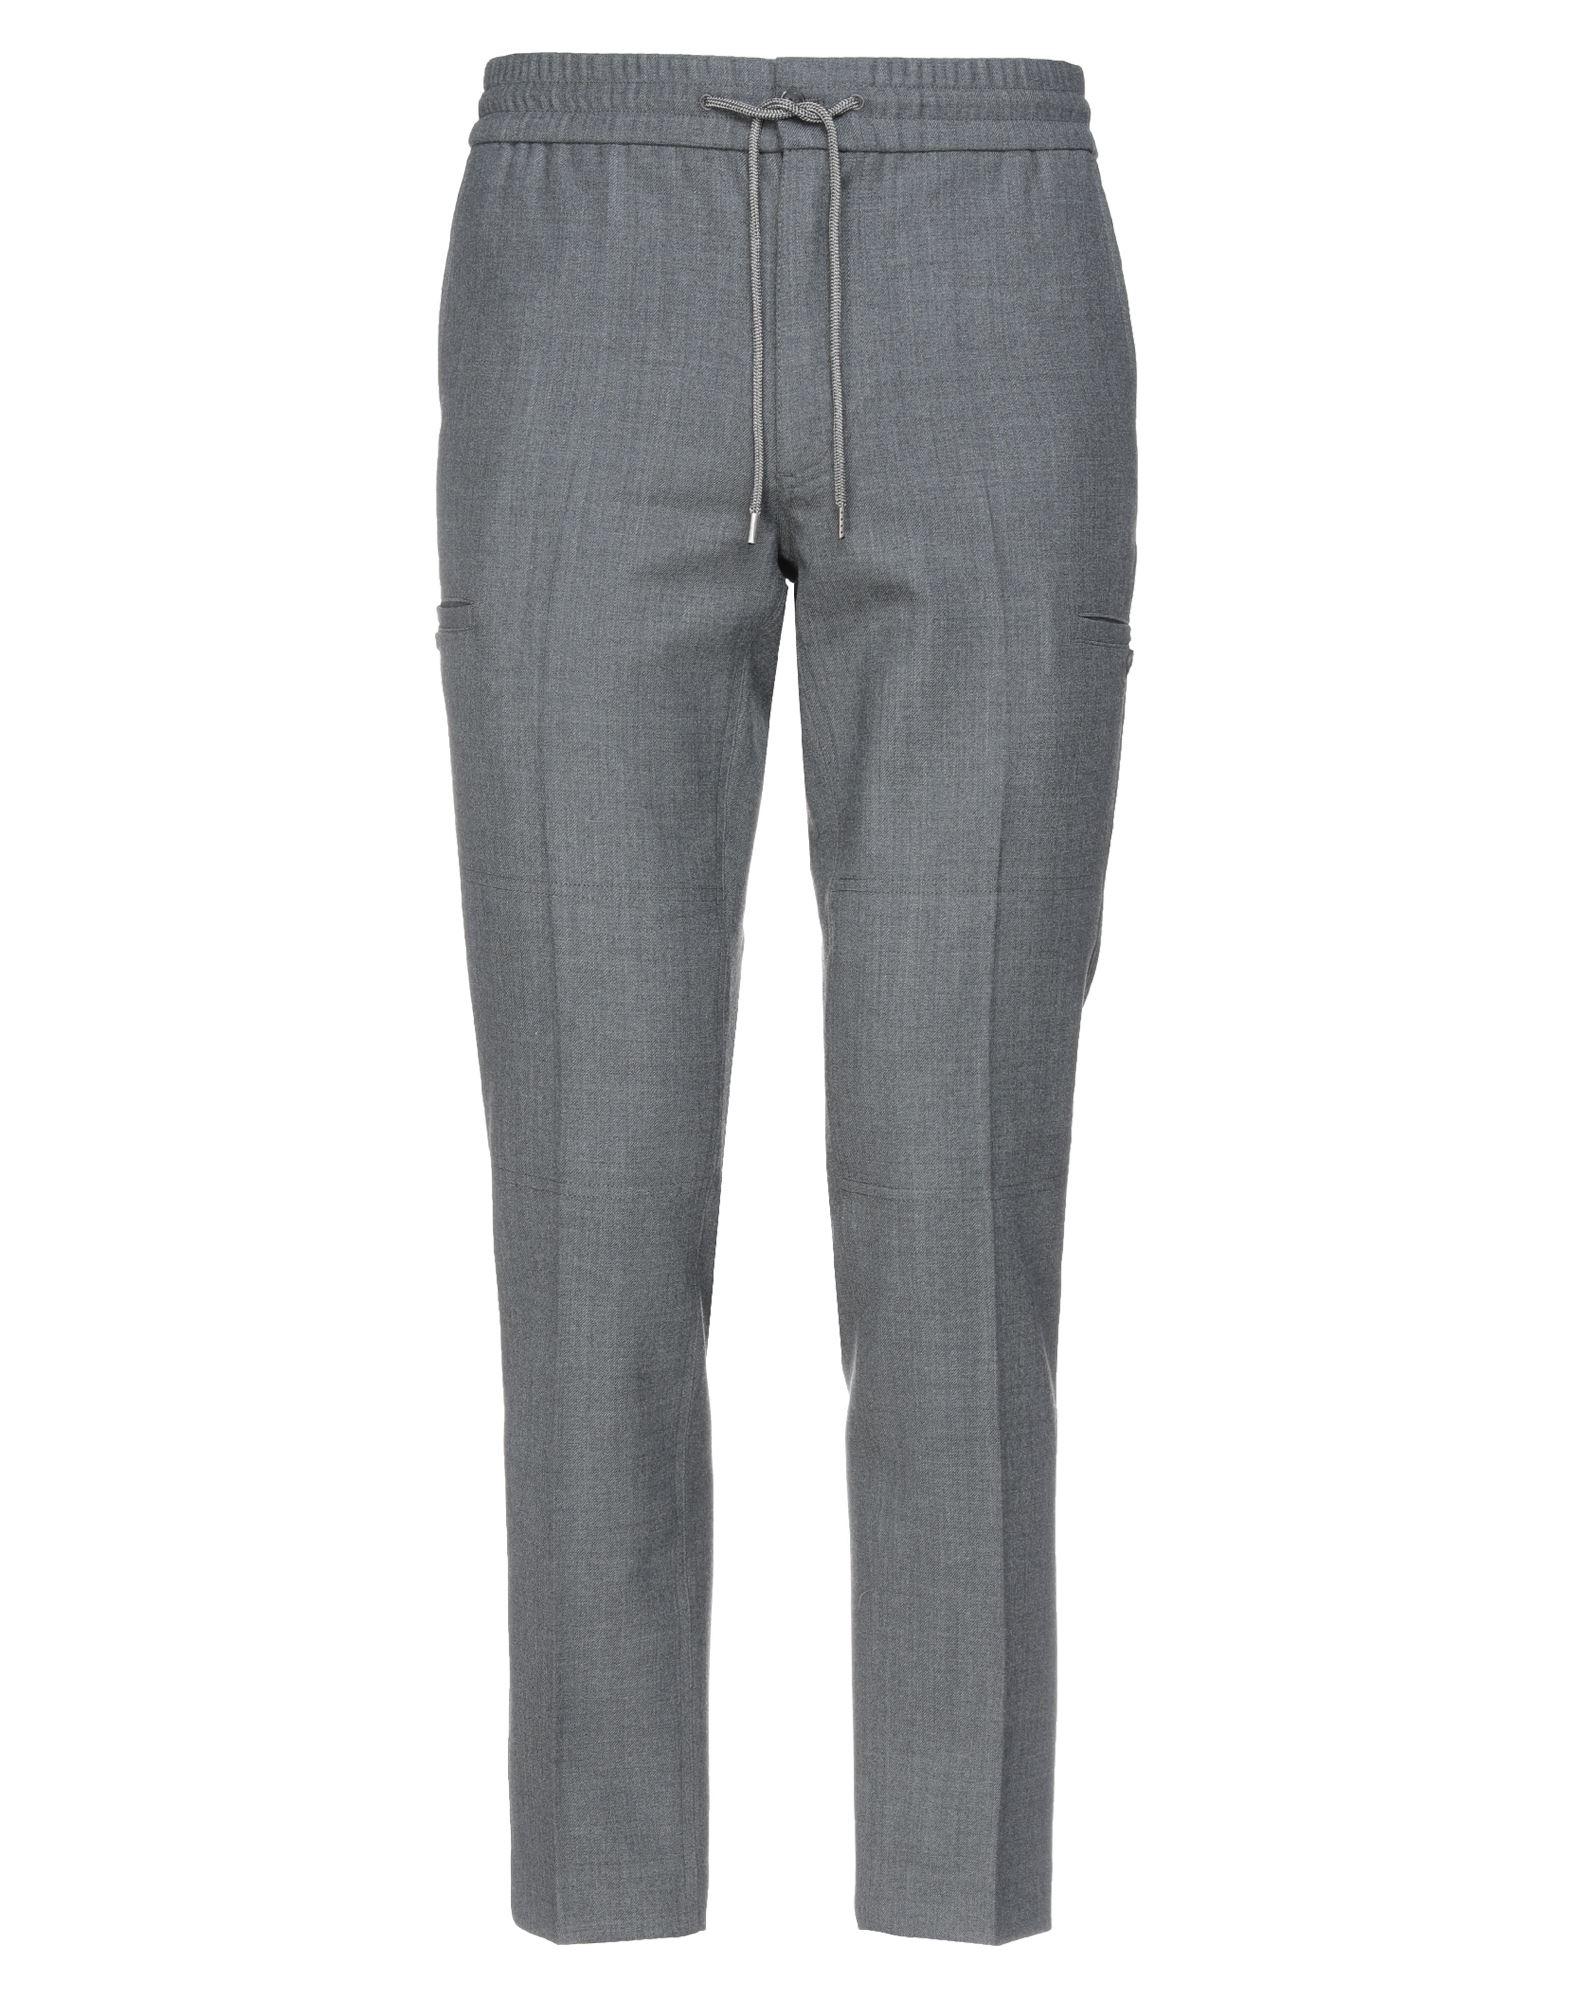 《セール開催中》WOOLRICH メンズ パンツ 鉛色 XS ポリエステル 53% / バージンウール 43% / ポリウレタン 4%